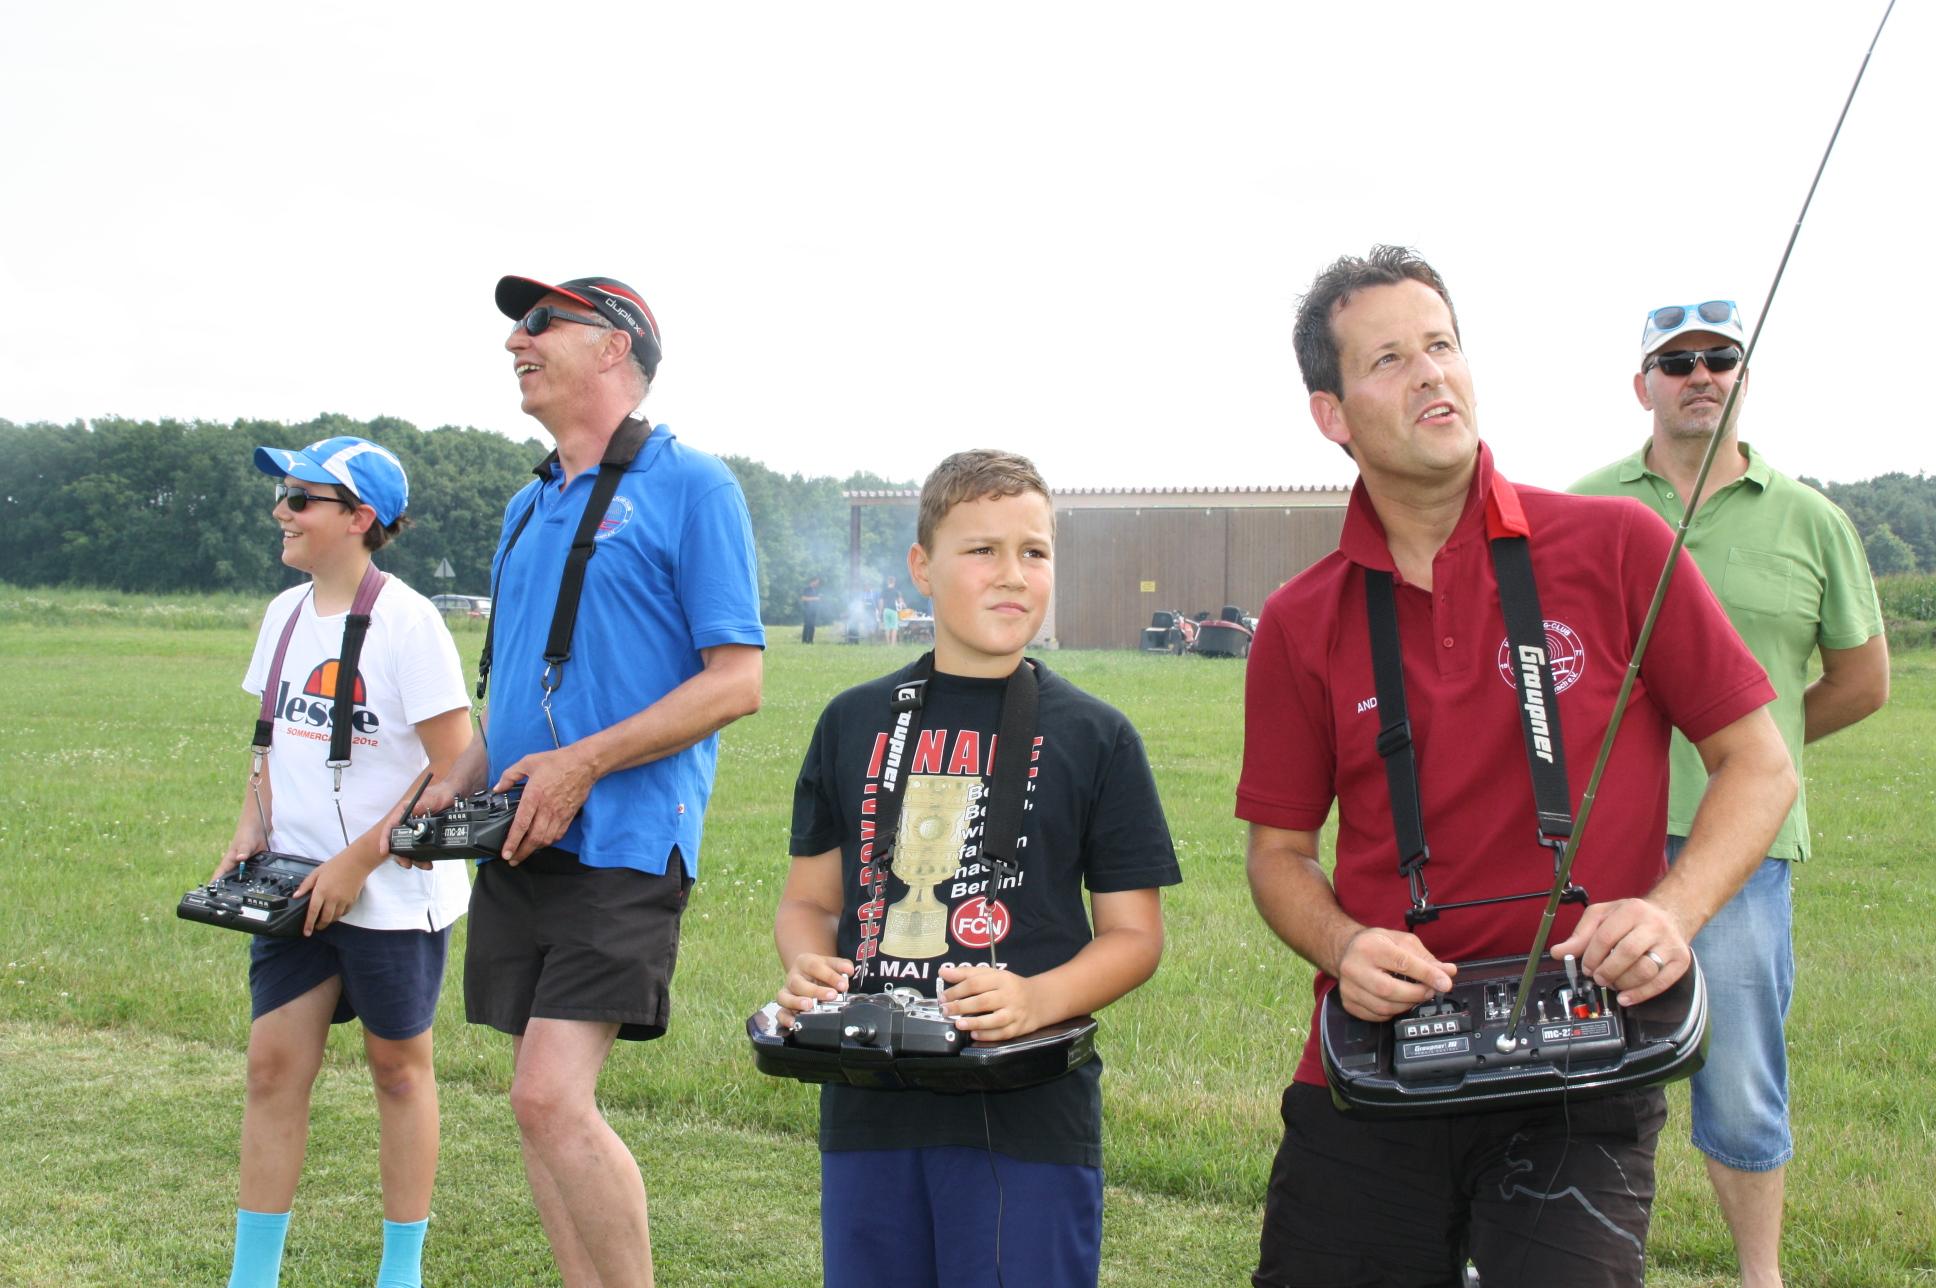 Christian (links) und Nico (rechts) lassen begeistert und jeweils unter Aufsicht eines Fluglehrers die Modellflieger flitzen.